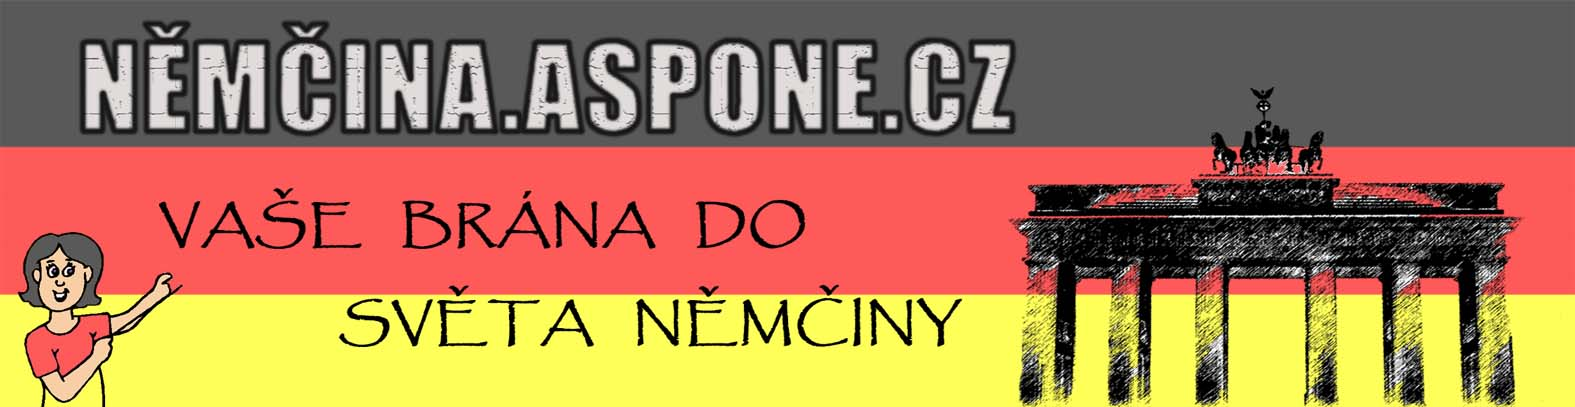 Němčina aspone - němčina snadno, rychle a hlavně srozumitelně